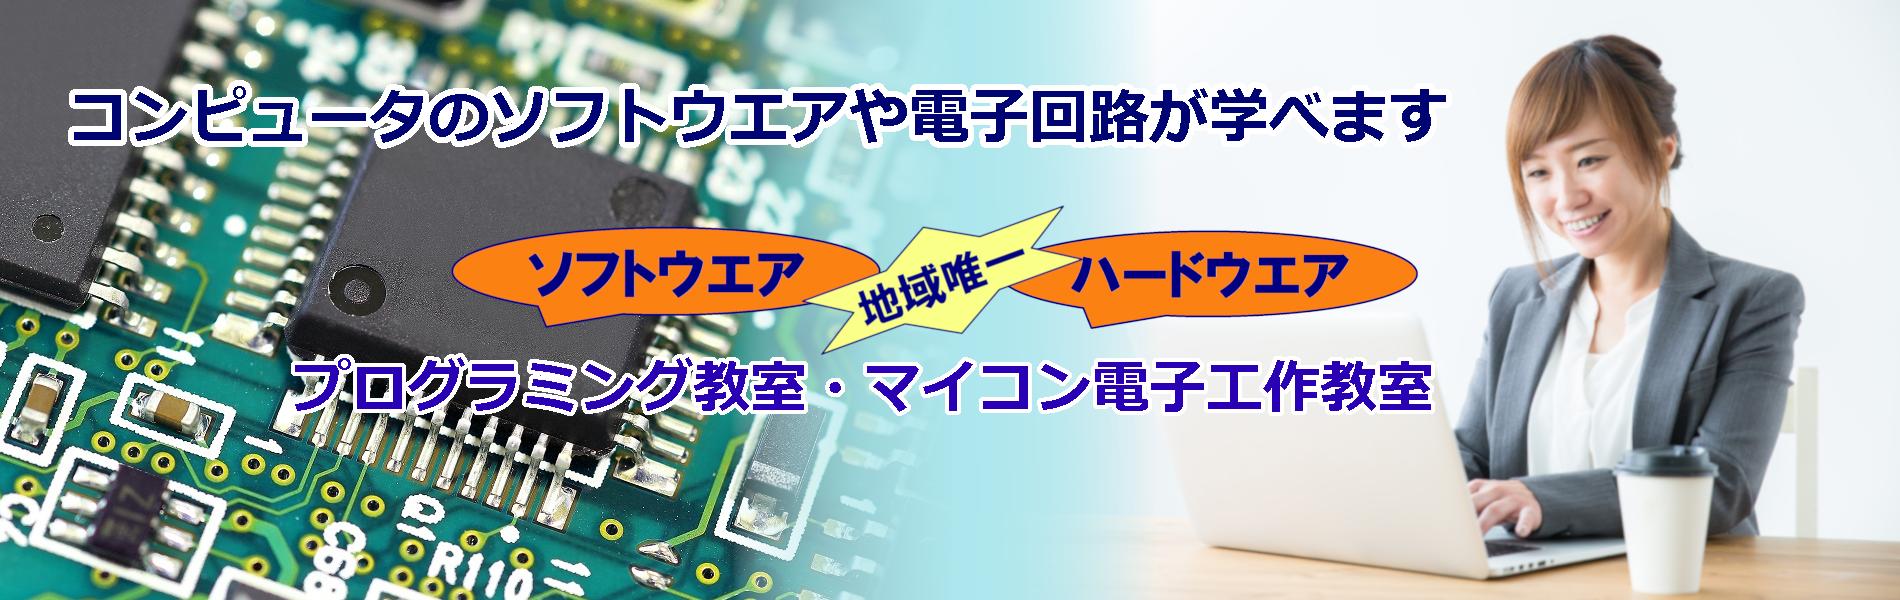 ソフト・ハード・マイコン電子工作